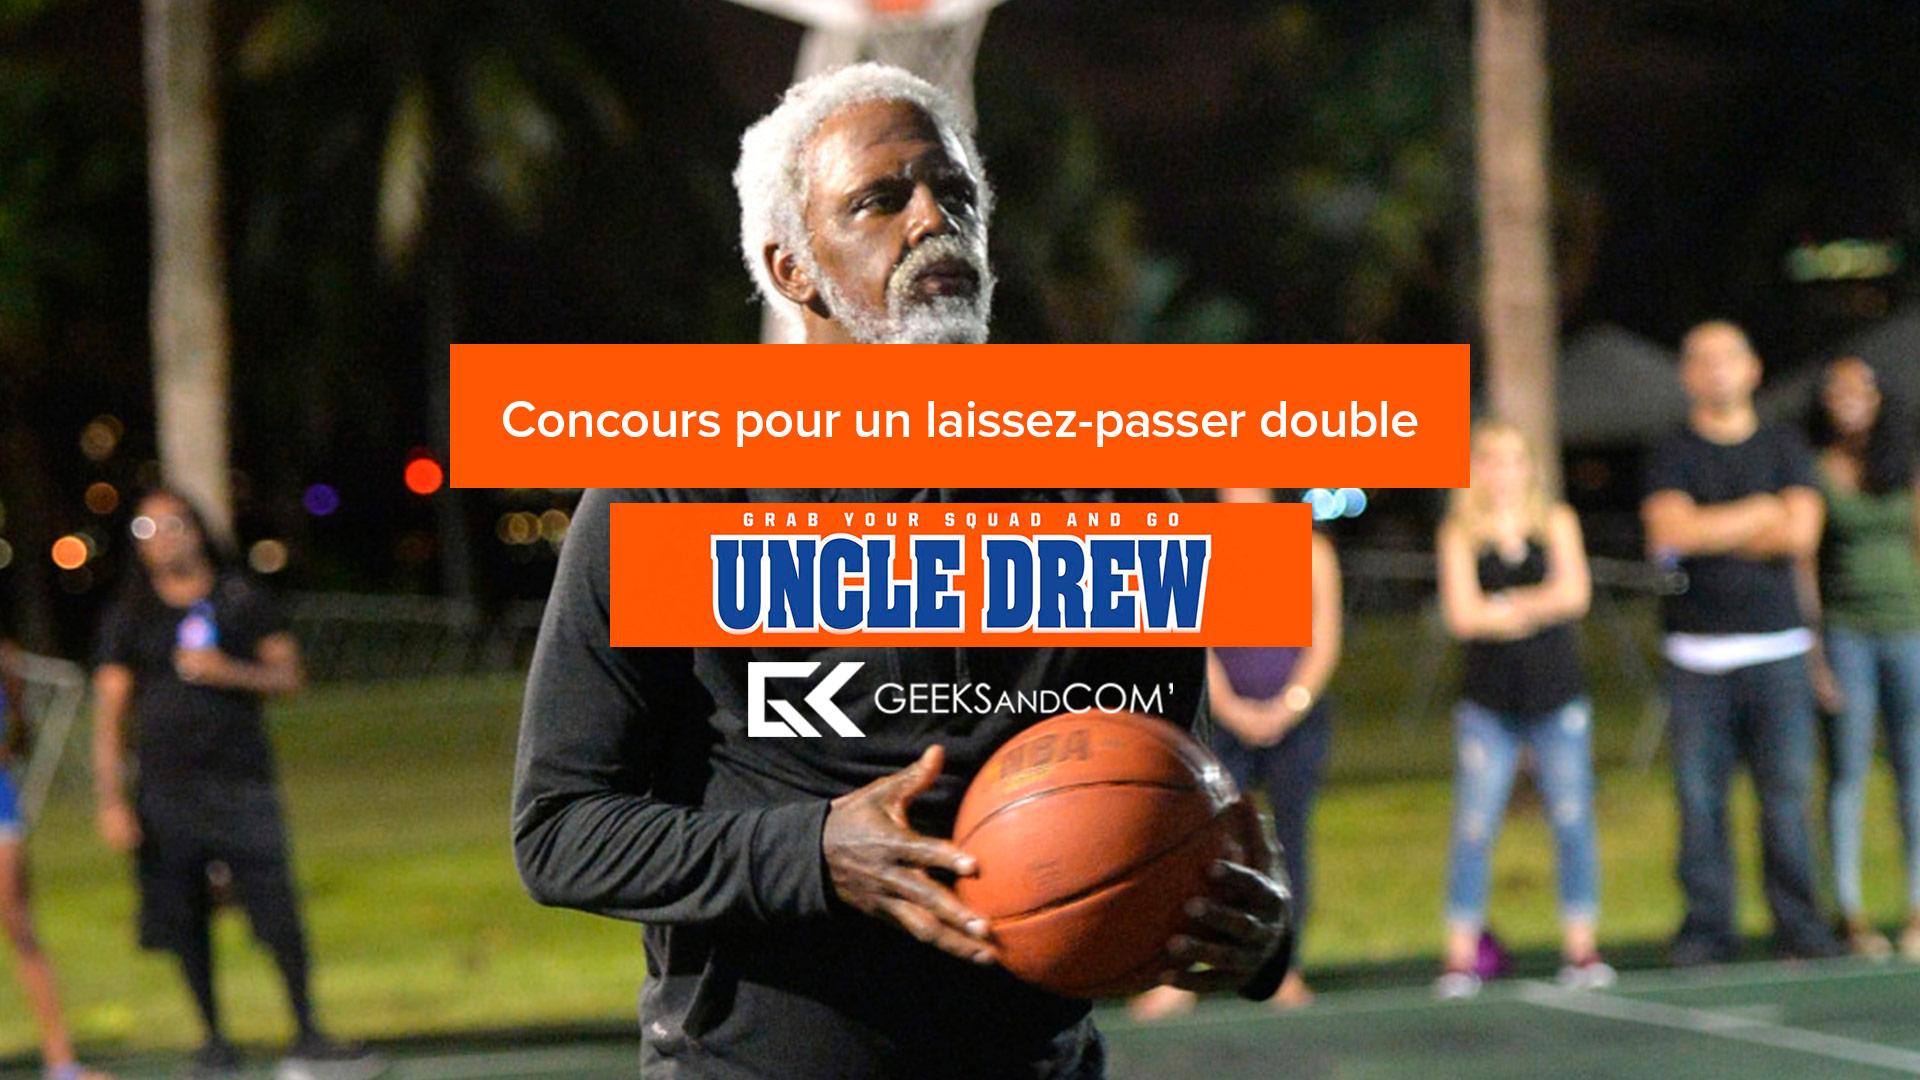 Uncle Drew - concours